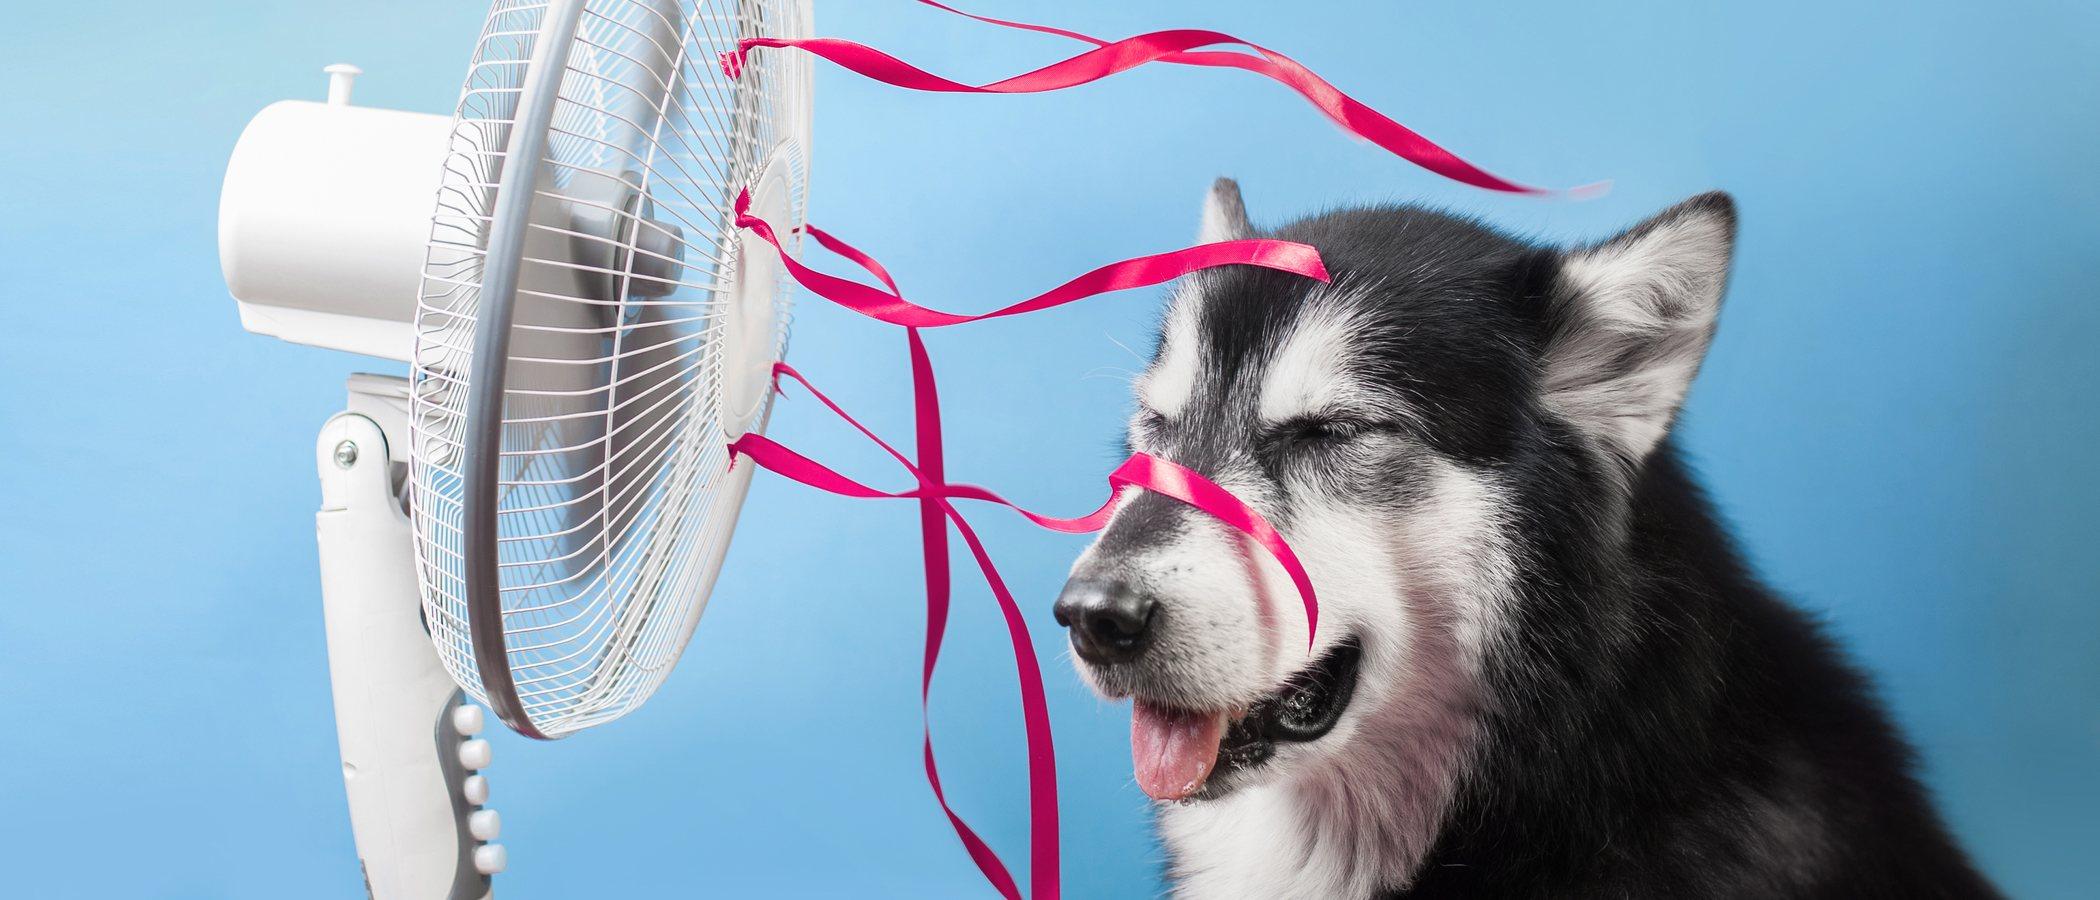 Consejos para que tu perro sobrelleve mejor el calor del verano